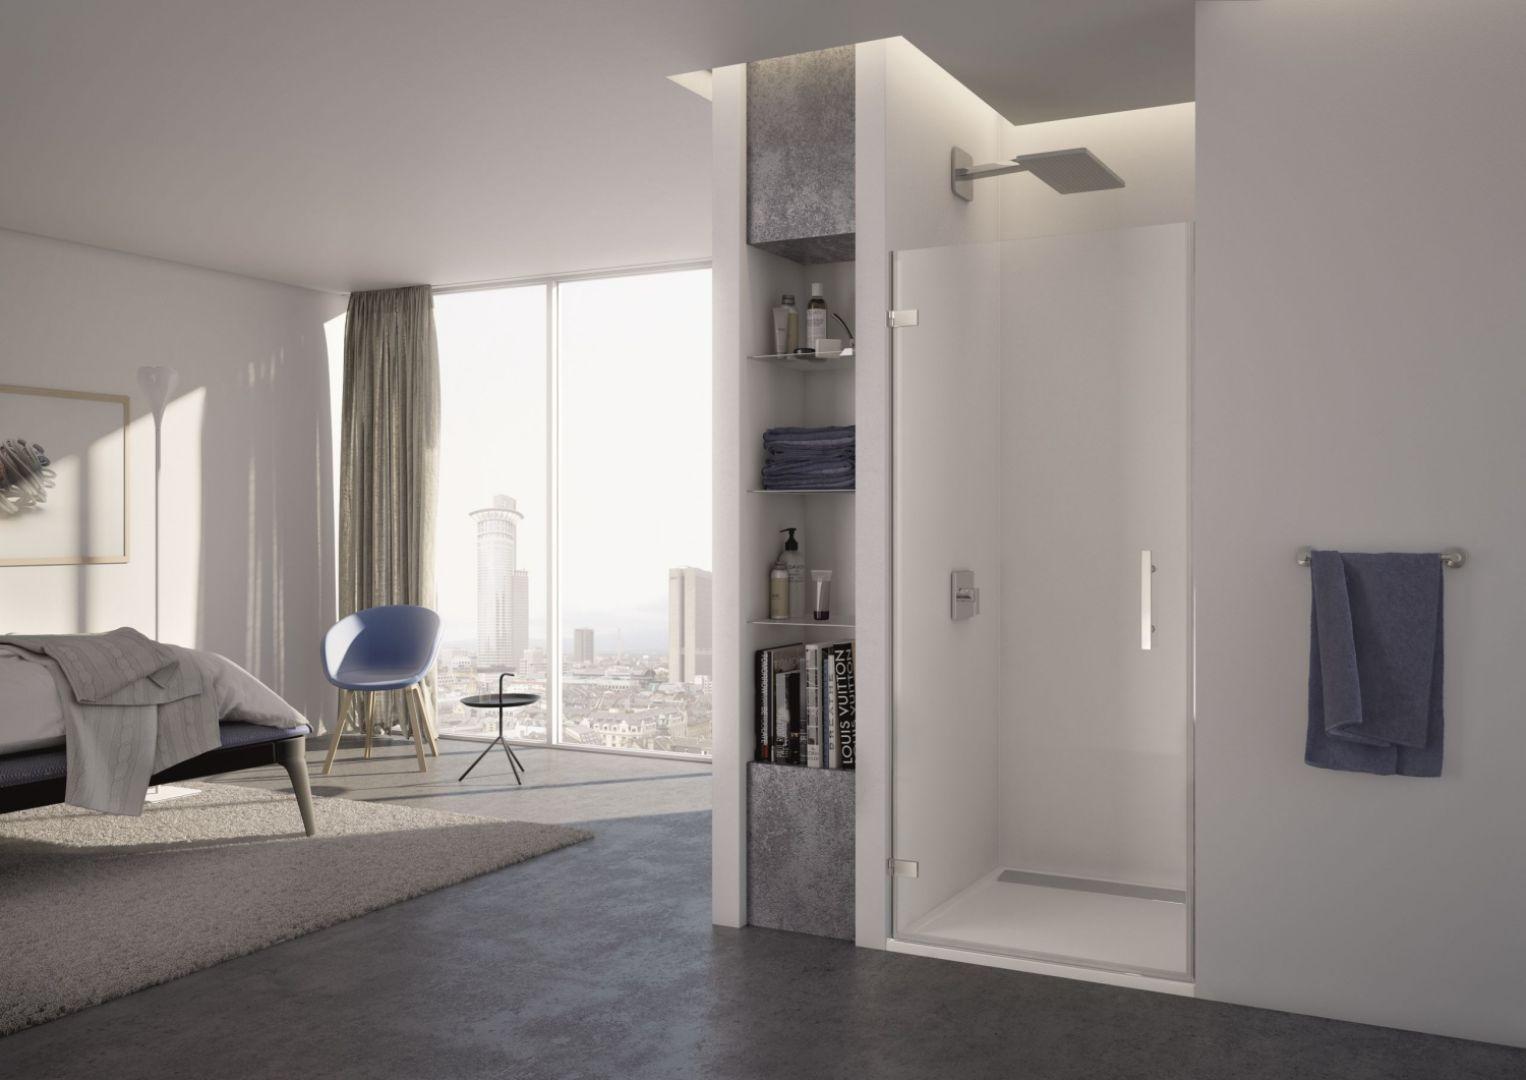 Jednoczęściowe drzwi wnękowe PUR1 z serii Pur marki SanSwiss. Fot. SanSwiss